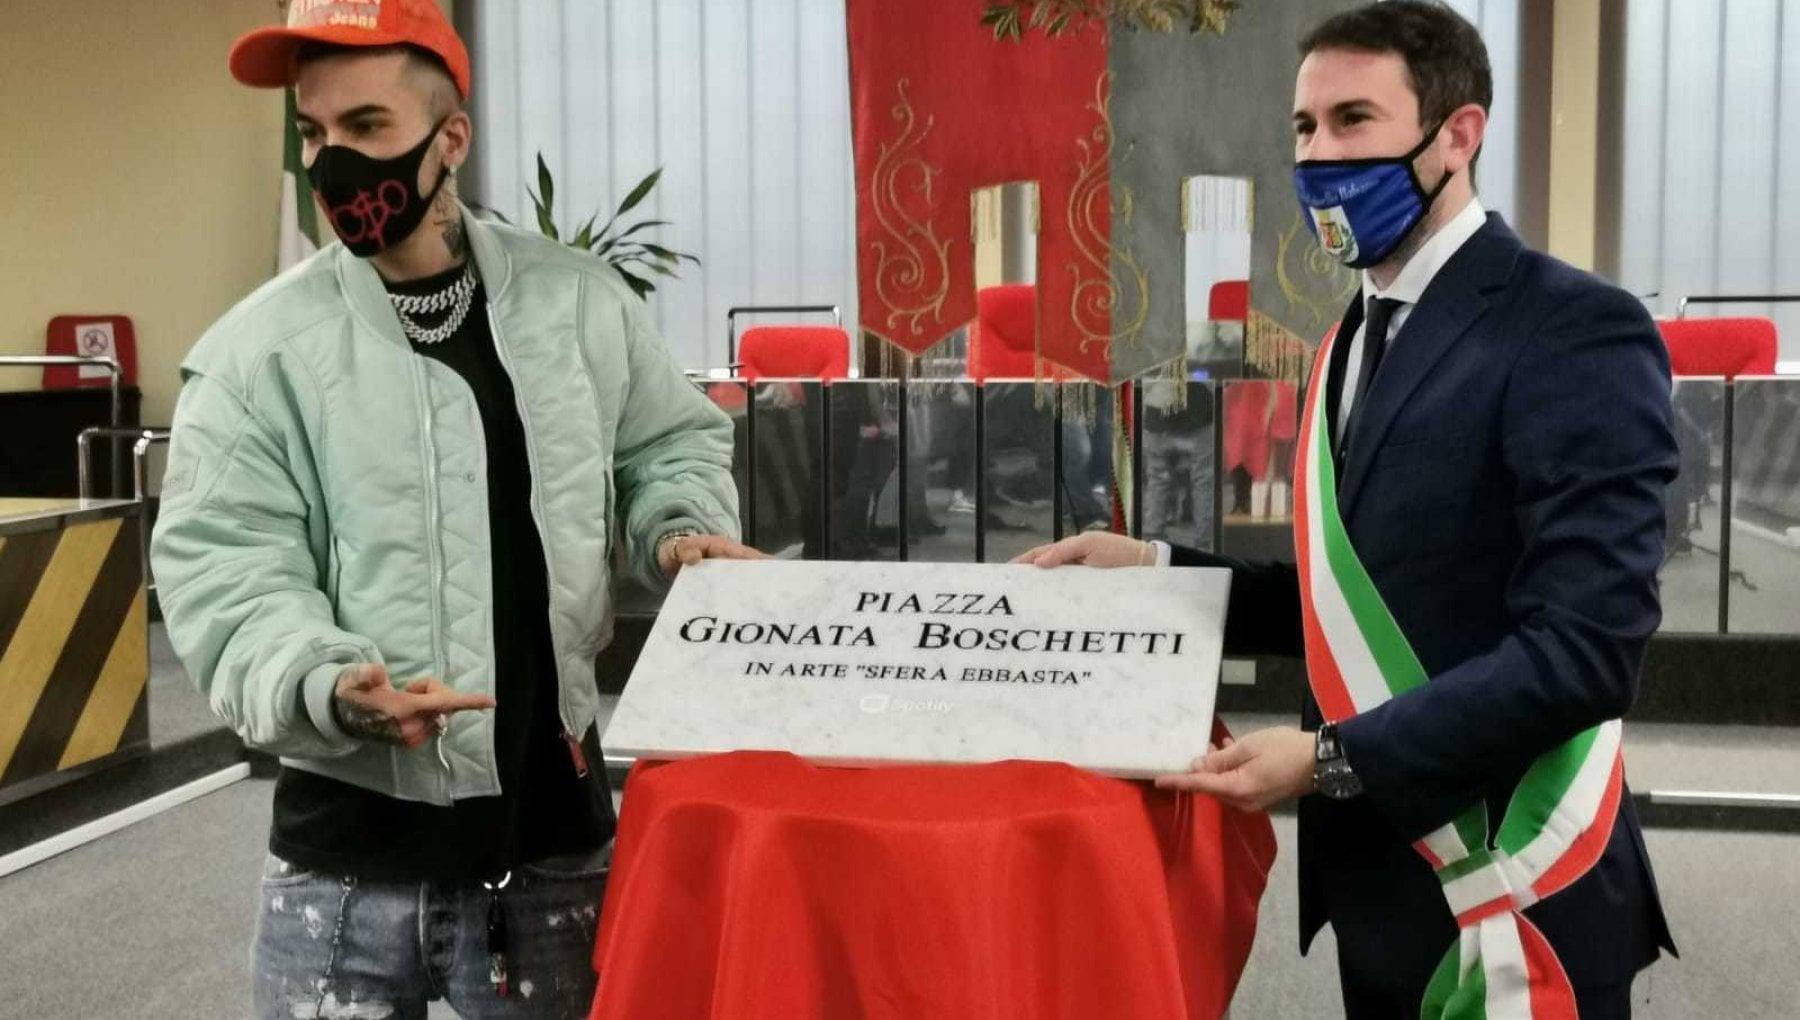 A Cinisello Balsamo una piazza dedicata a Sfera Ebbasta: Voglio essere un riferimento per i ragazzi di Ciny